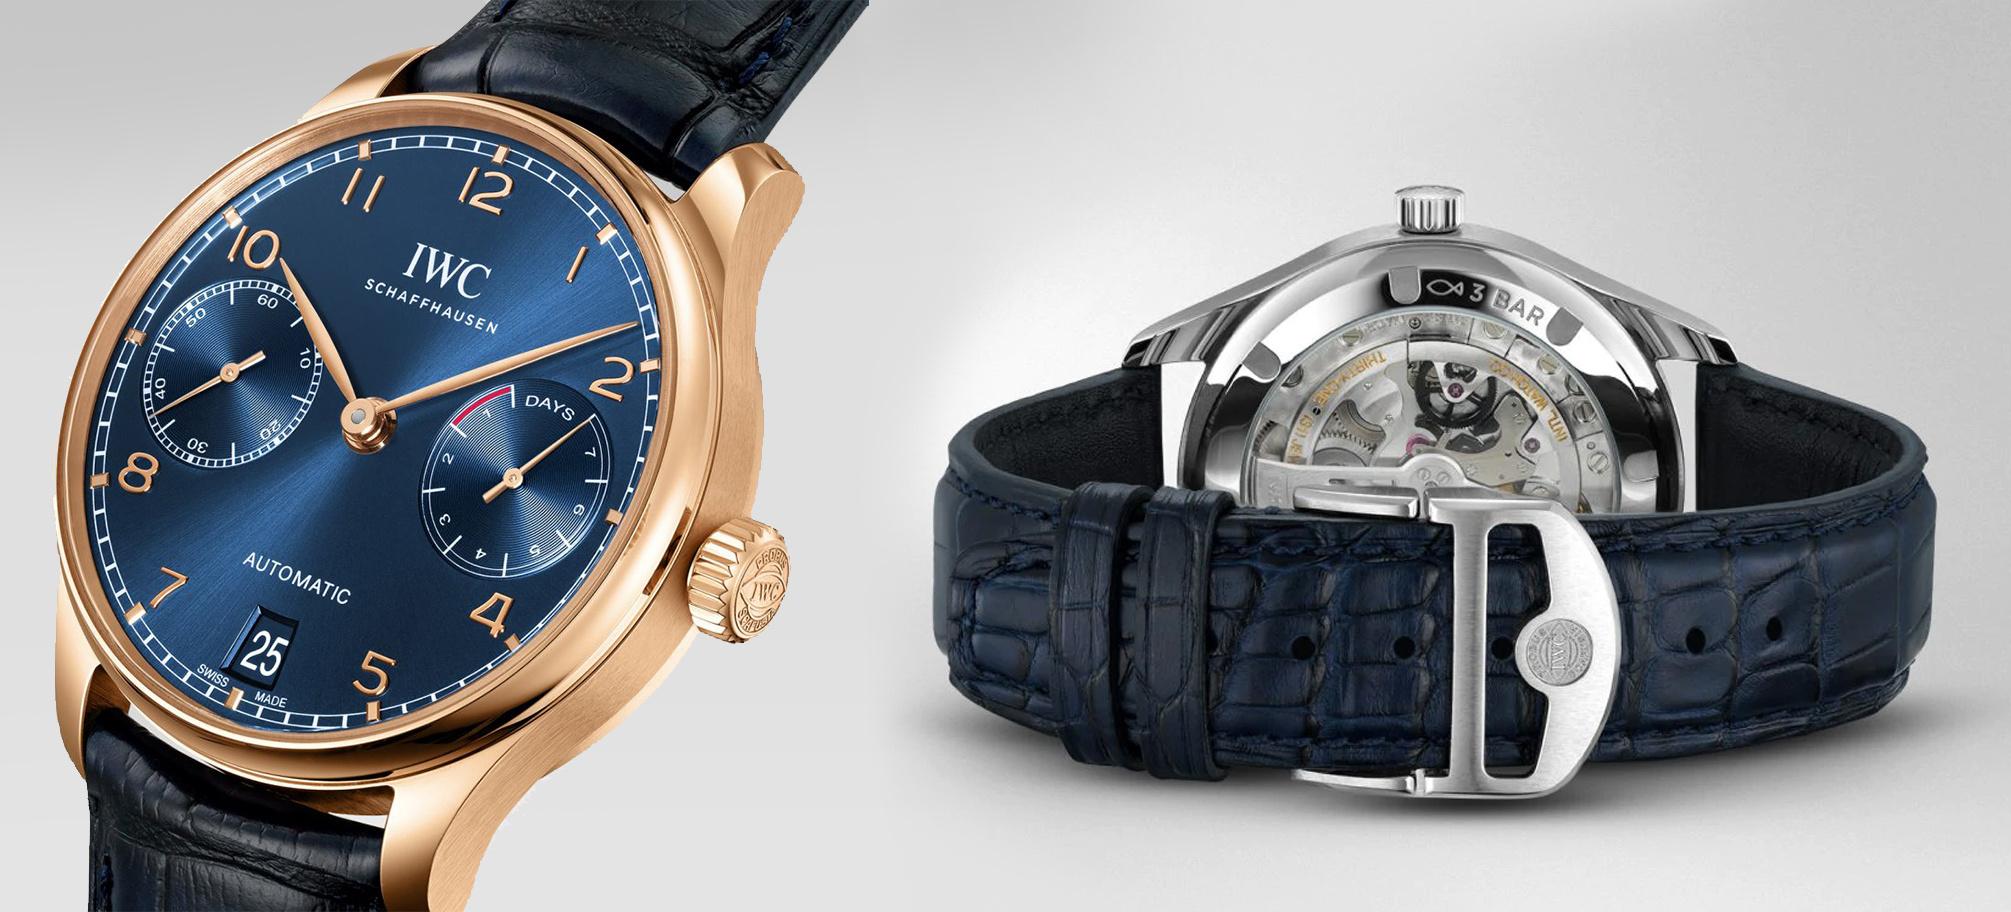 3 IWC horloges uit de nieuwe Portugieser collectie!